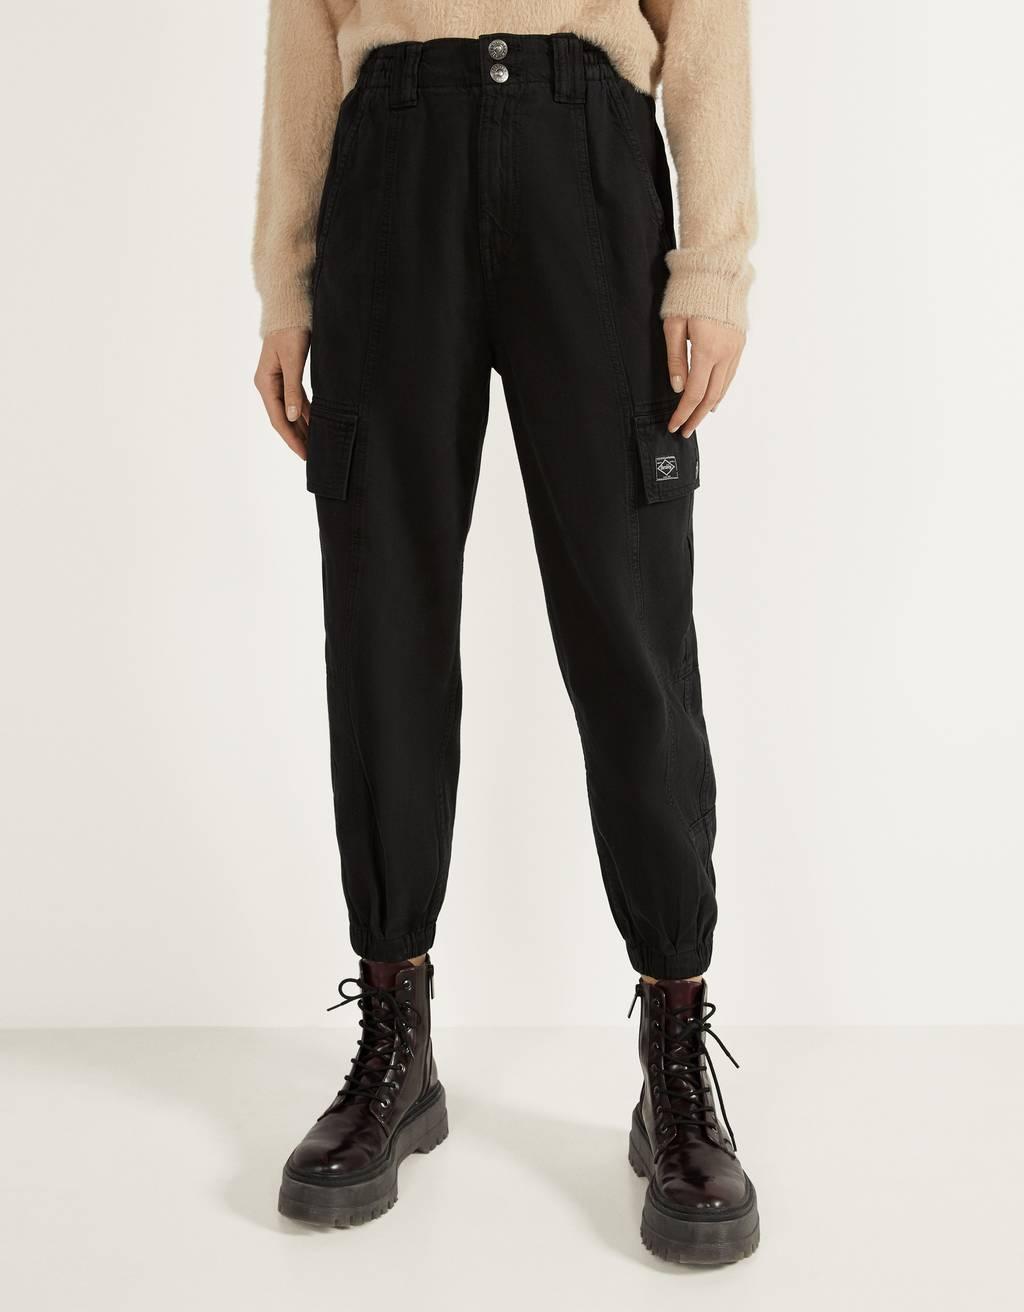 Sportinės kargo stiliaus kelnės